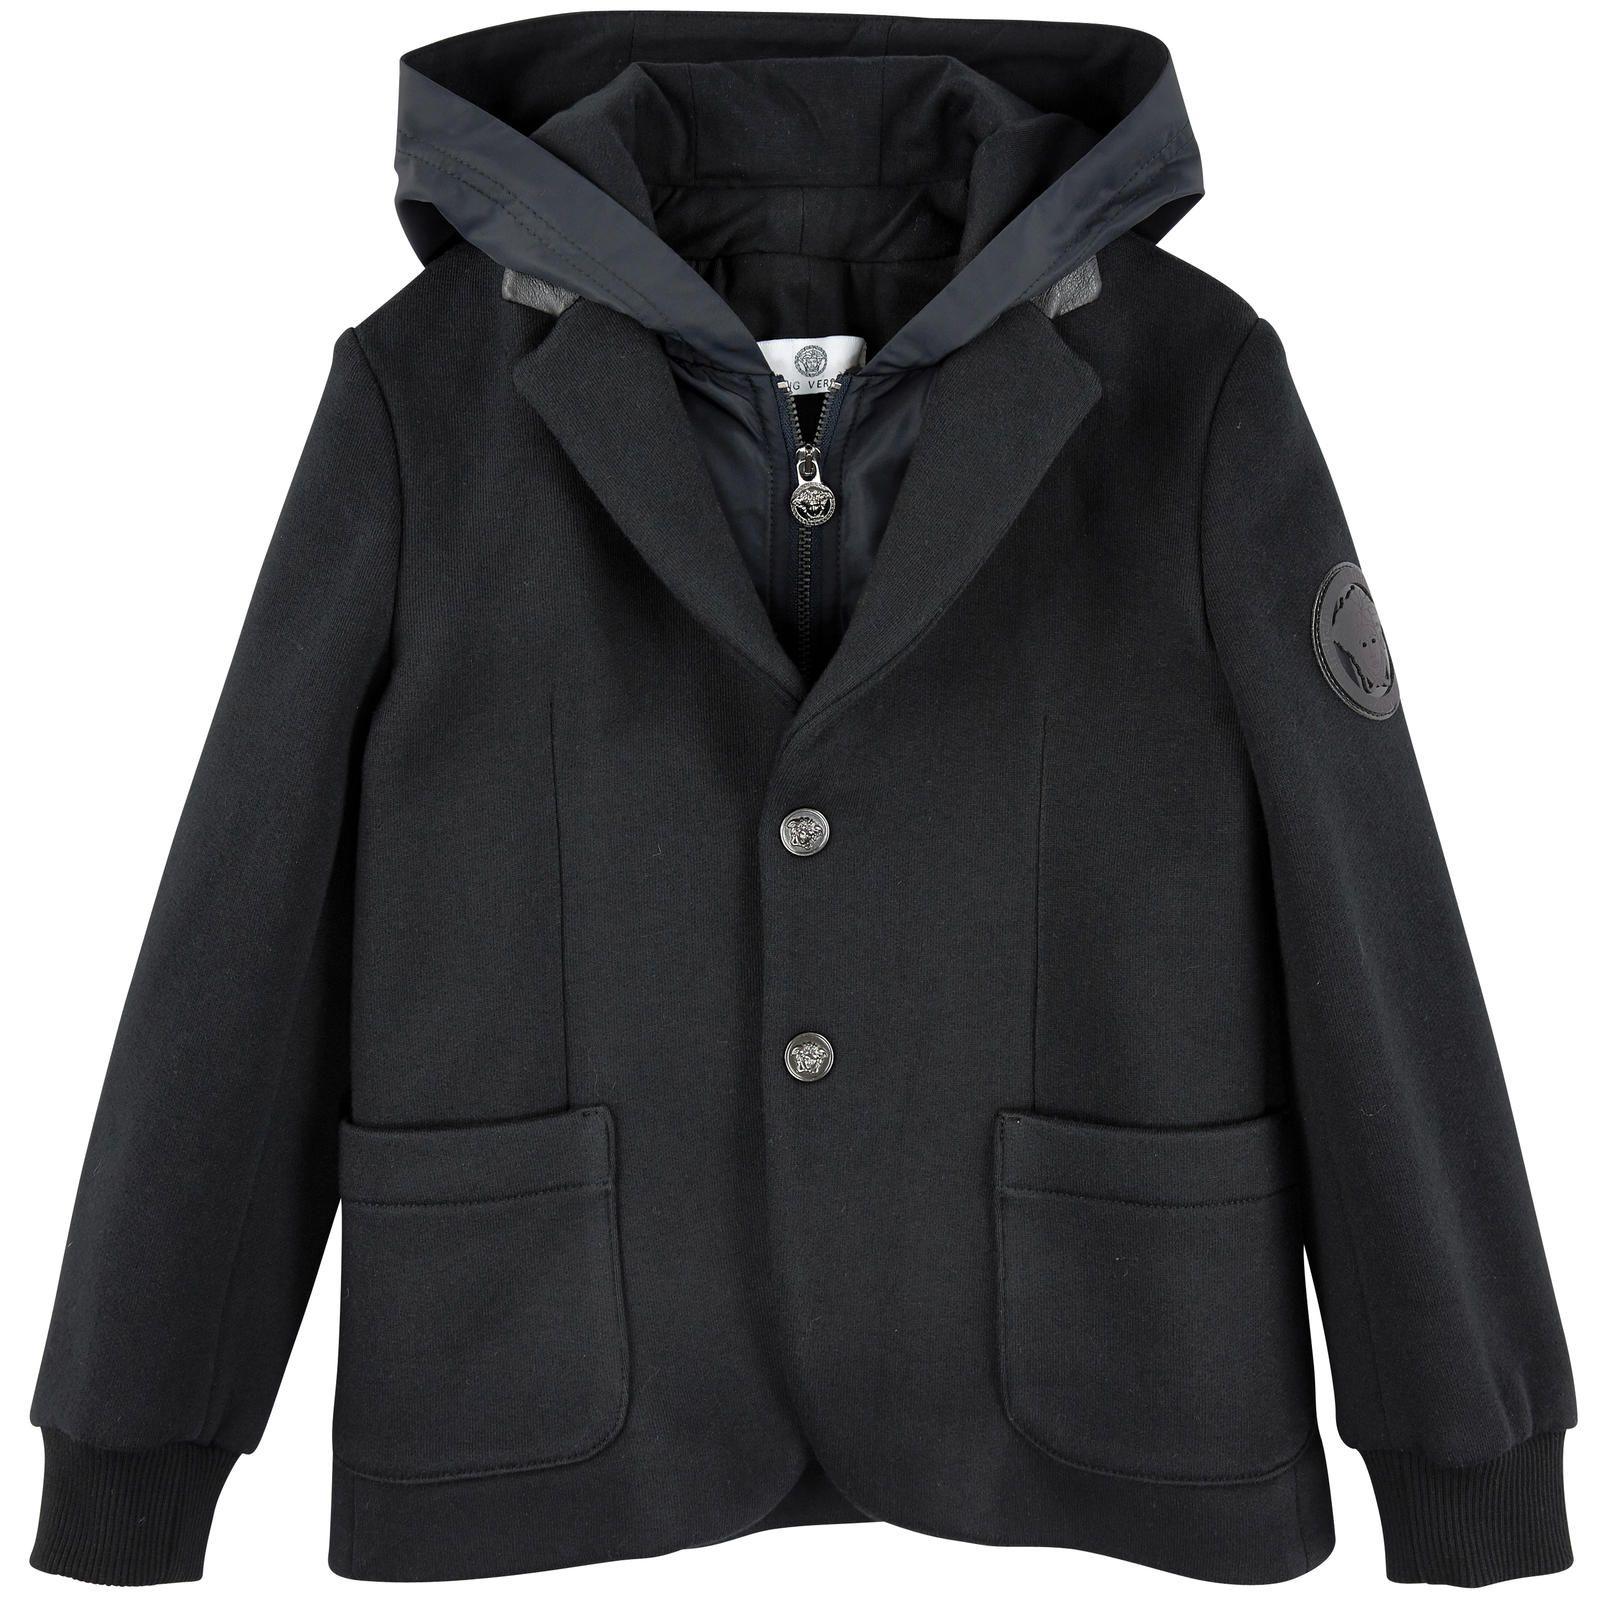 Блейзер из джерси-милано с капюшоном из нейлона с однотонного черного цвета Young Versace для мальчиков | Melijoe.com